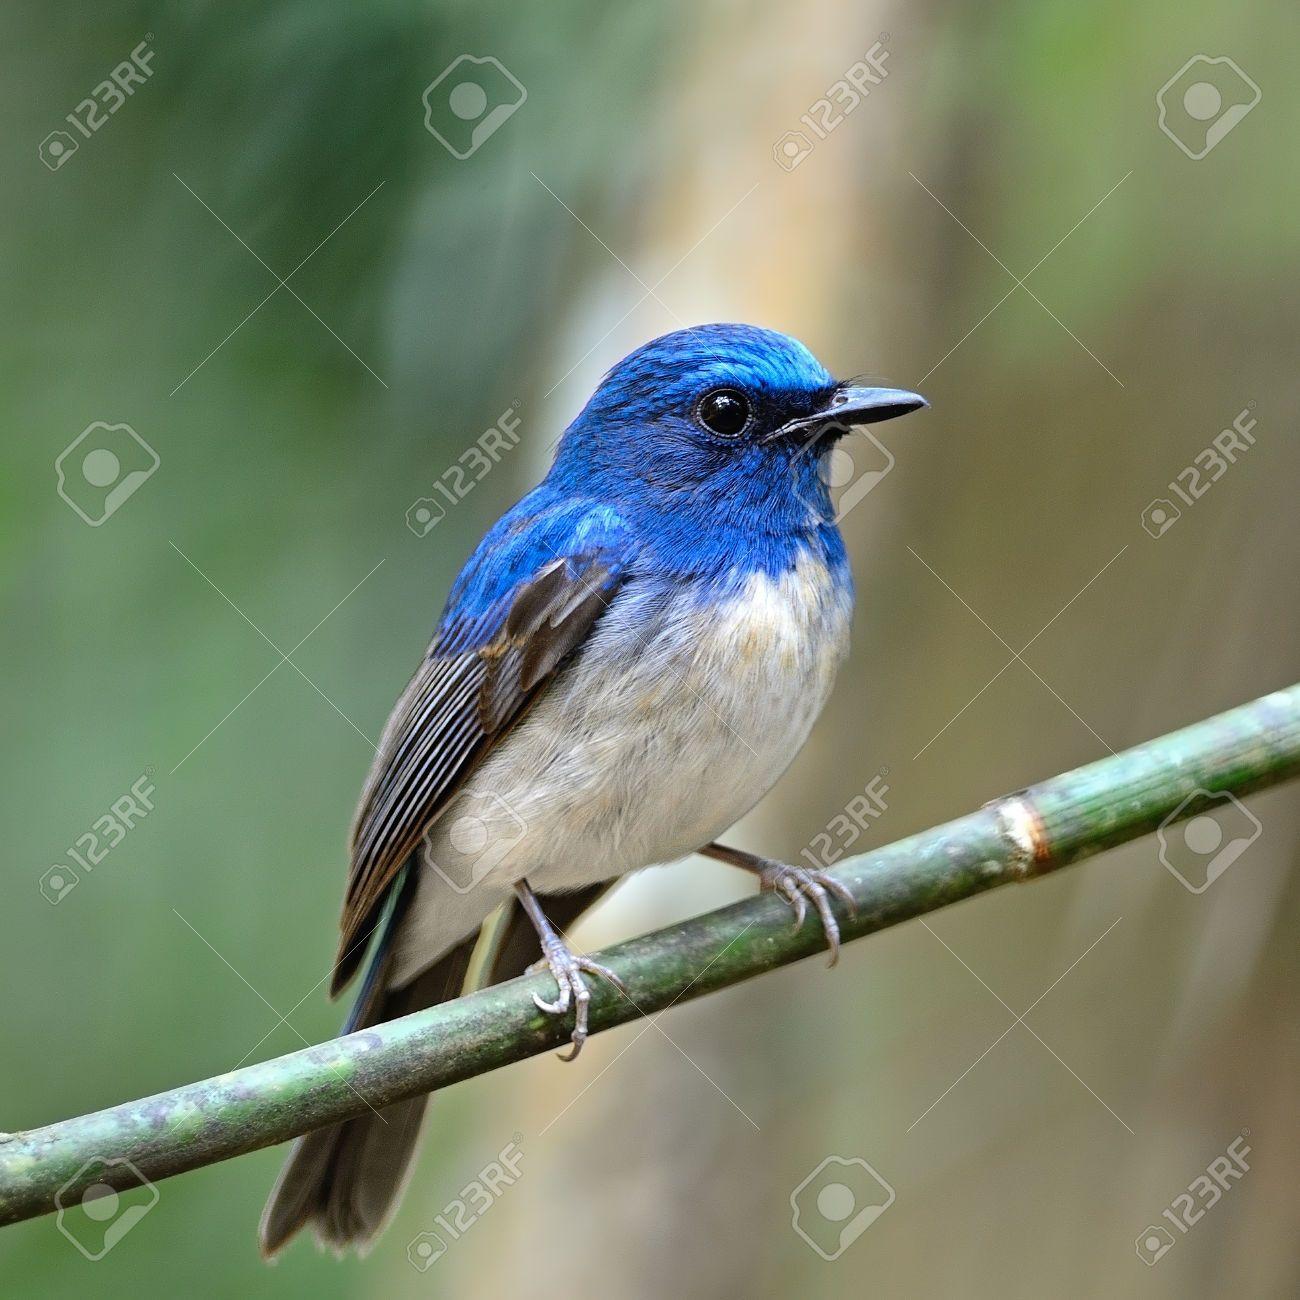 27118724-Variopinto-uccello-blu-Hainan-Blu-pigliamosche-Cyornis-hainana-in-piedi-su-un-ramo-profilo-del-seno--Archivio-Fotografico.jpg (1300×1300)